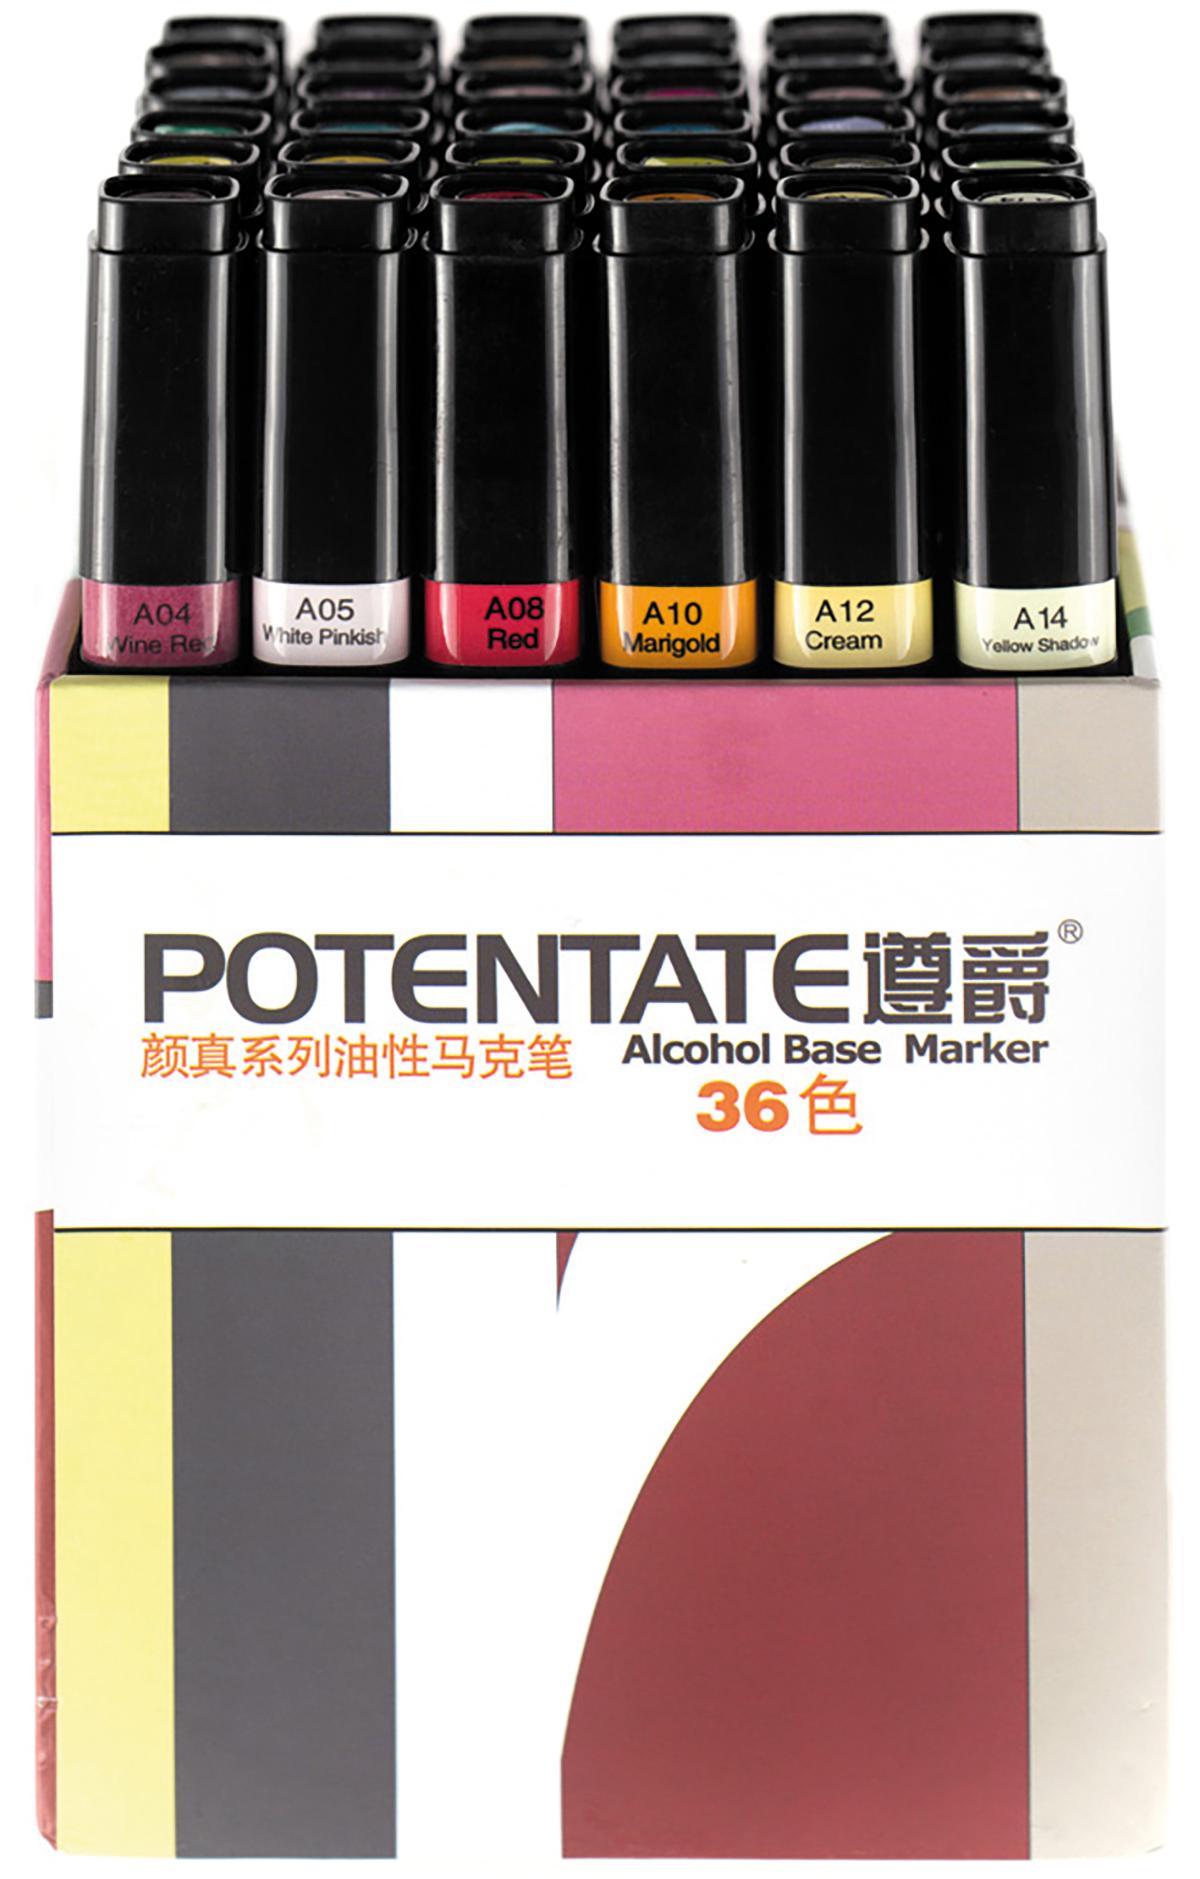 """Potentate Набор маркеров Box Set 36 цветов010109Спиртовые маркеры Potentate обладают всеми необходимыми качествами для рисования скетчей на любую тематику. Широкая цветовая палитра дает возможность прорабатывать переходы между оттенками. Каждый маркер имеет два пера: тонкое для прорисовки мелких деталей и широкое-долото для закрашивания больших поверхностей. Плотно закрывающийся колпачок предохраняет маркер от высыхания, а цветовая полоска на корпусе маркера соответствует цвету выкраски и позволяет легко ориентироваться при подборе палитры. Маркеры быстро высыхают на бумаге. Под маркой POTENTATE доступны маркеры поштучно и в наборах от 12 до 120 цветов. Маркеры подойдут для тех, кто хочет рисовать много и нарабатывать навыки скетчинга без ограничений в средствах. В отличие от большинства китайских OEM маркеров на заказ для европейцев, маркеры POTENTATE являются """"родным"""" брендом крупнейшего производителя маркеров в Китае и им уделяется больше внимания по качеству продукции собственной марки. В наборе 36 цветов: А107, А111, А112, А115, А117, А120, А16, А17, А21, А87, А93, А99, А100, А101, А105, А04, А05, А08, А66, А71, А73, А76, А80, А86, А23, А30, А34, А40, А50, А54, А55, А58, А59, А10, А12, А14. Основные характеристики: - палитра 120 цветов; - два пера: тонкое и широкое-долото - удобный квадратный корпус, маркеры на скатываются по столу; - индикатор цвета на корпусе маркера и колпачке; - спиртовые, быстро высыхают на бумаге; - низкий расход чернил; - прозрачные цвета для проработки переходов; - блендер для размывок и эффектов;"""